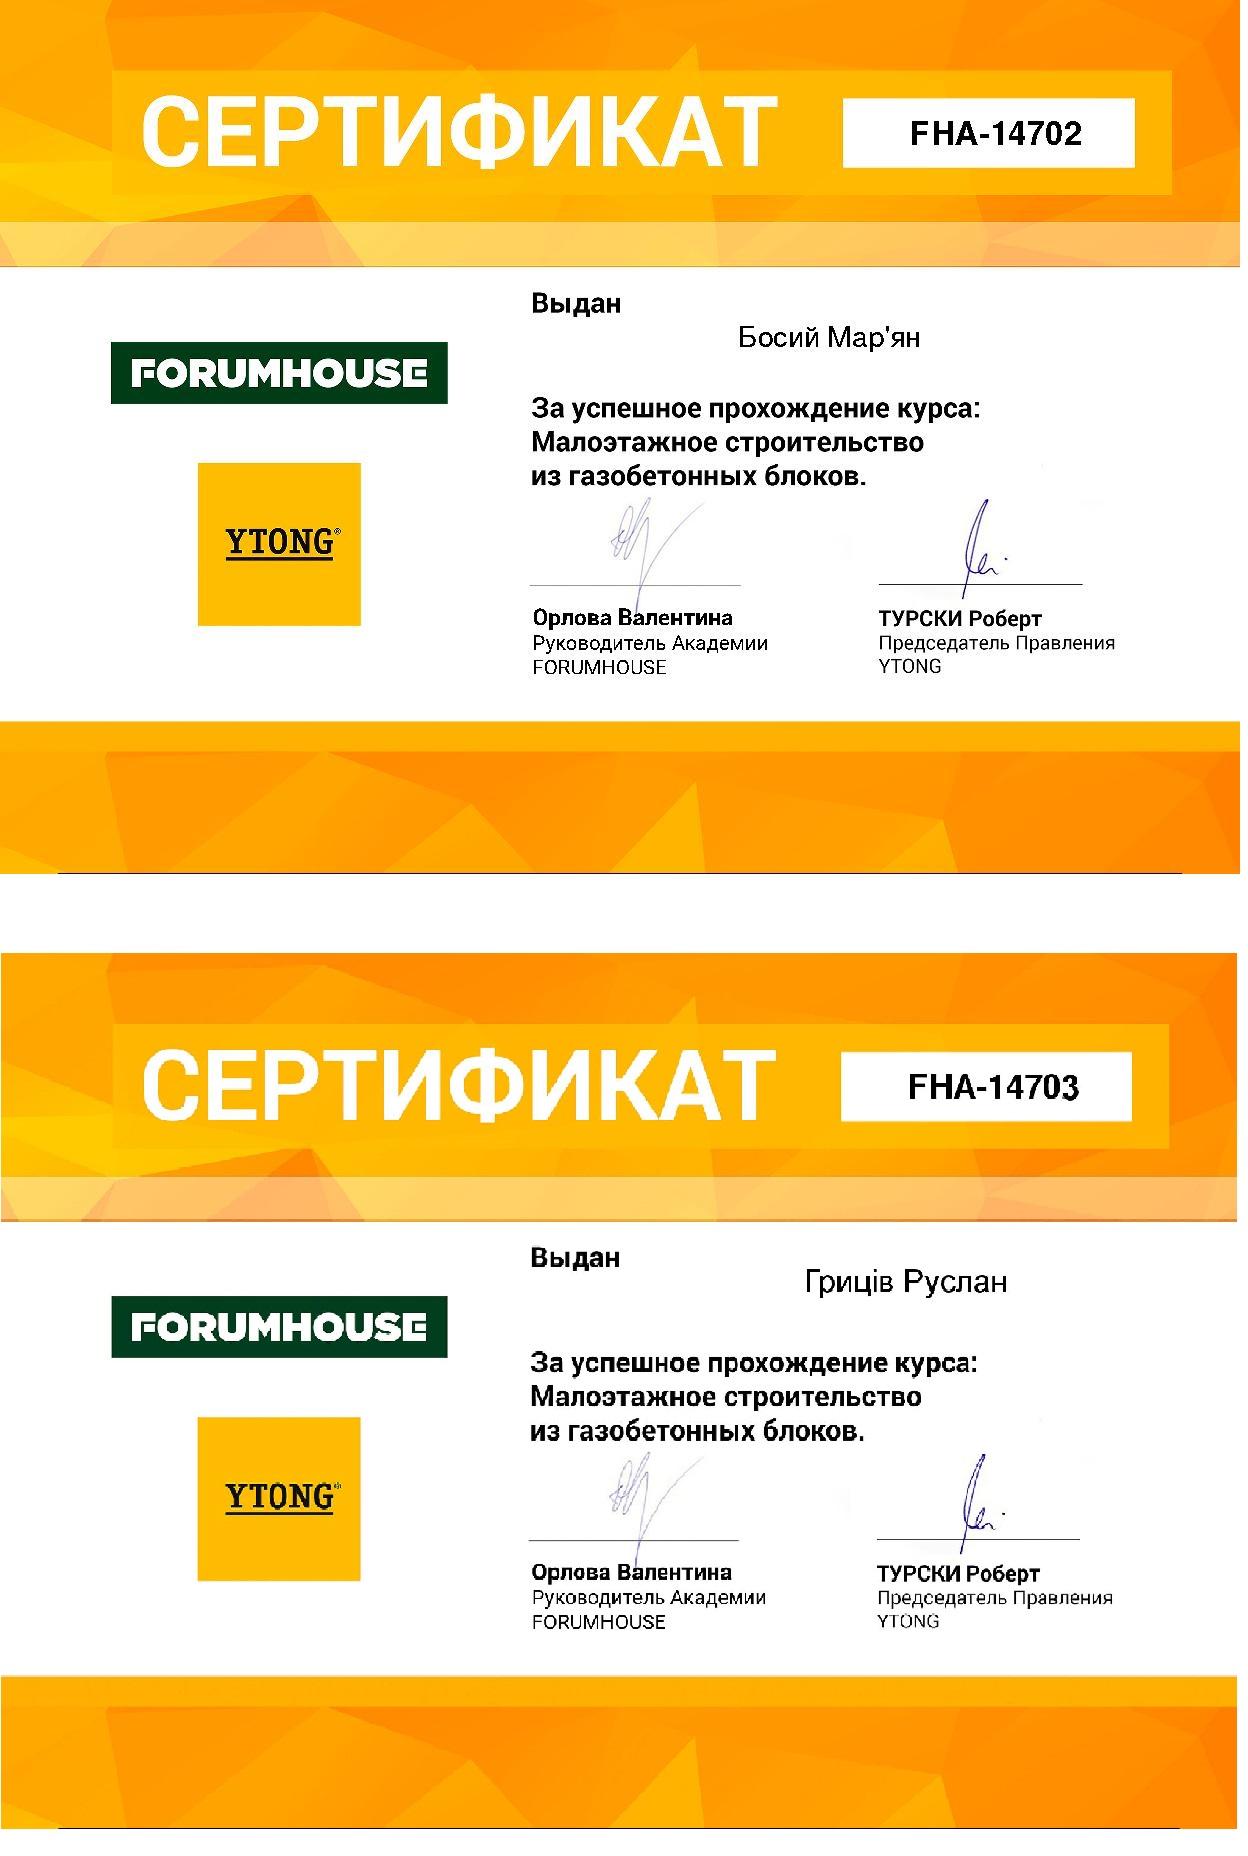 Сертифікат YTONG Марян Босий та гриців руслан